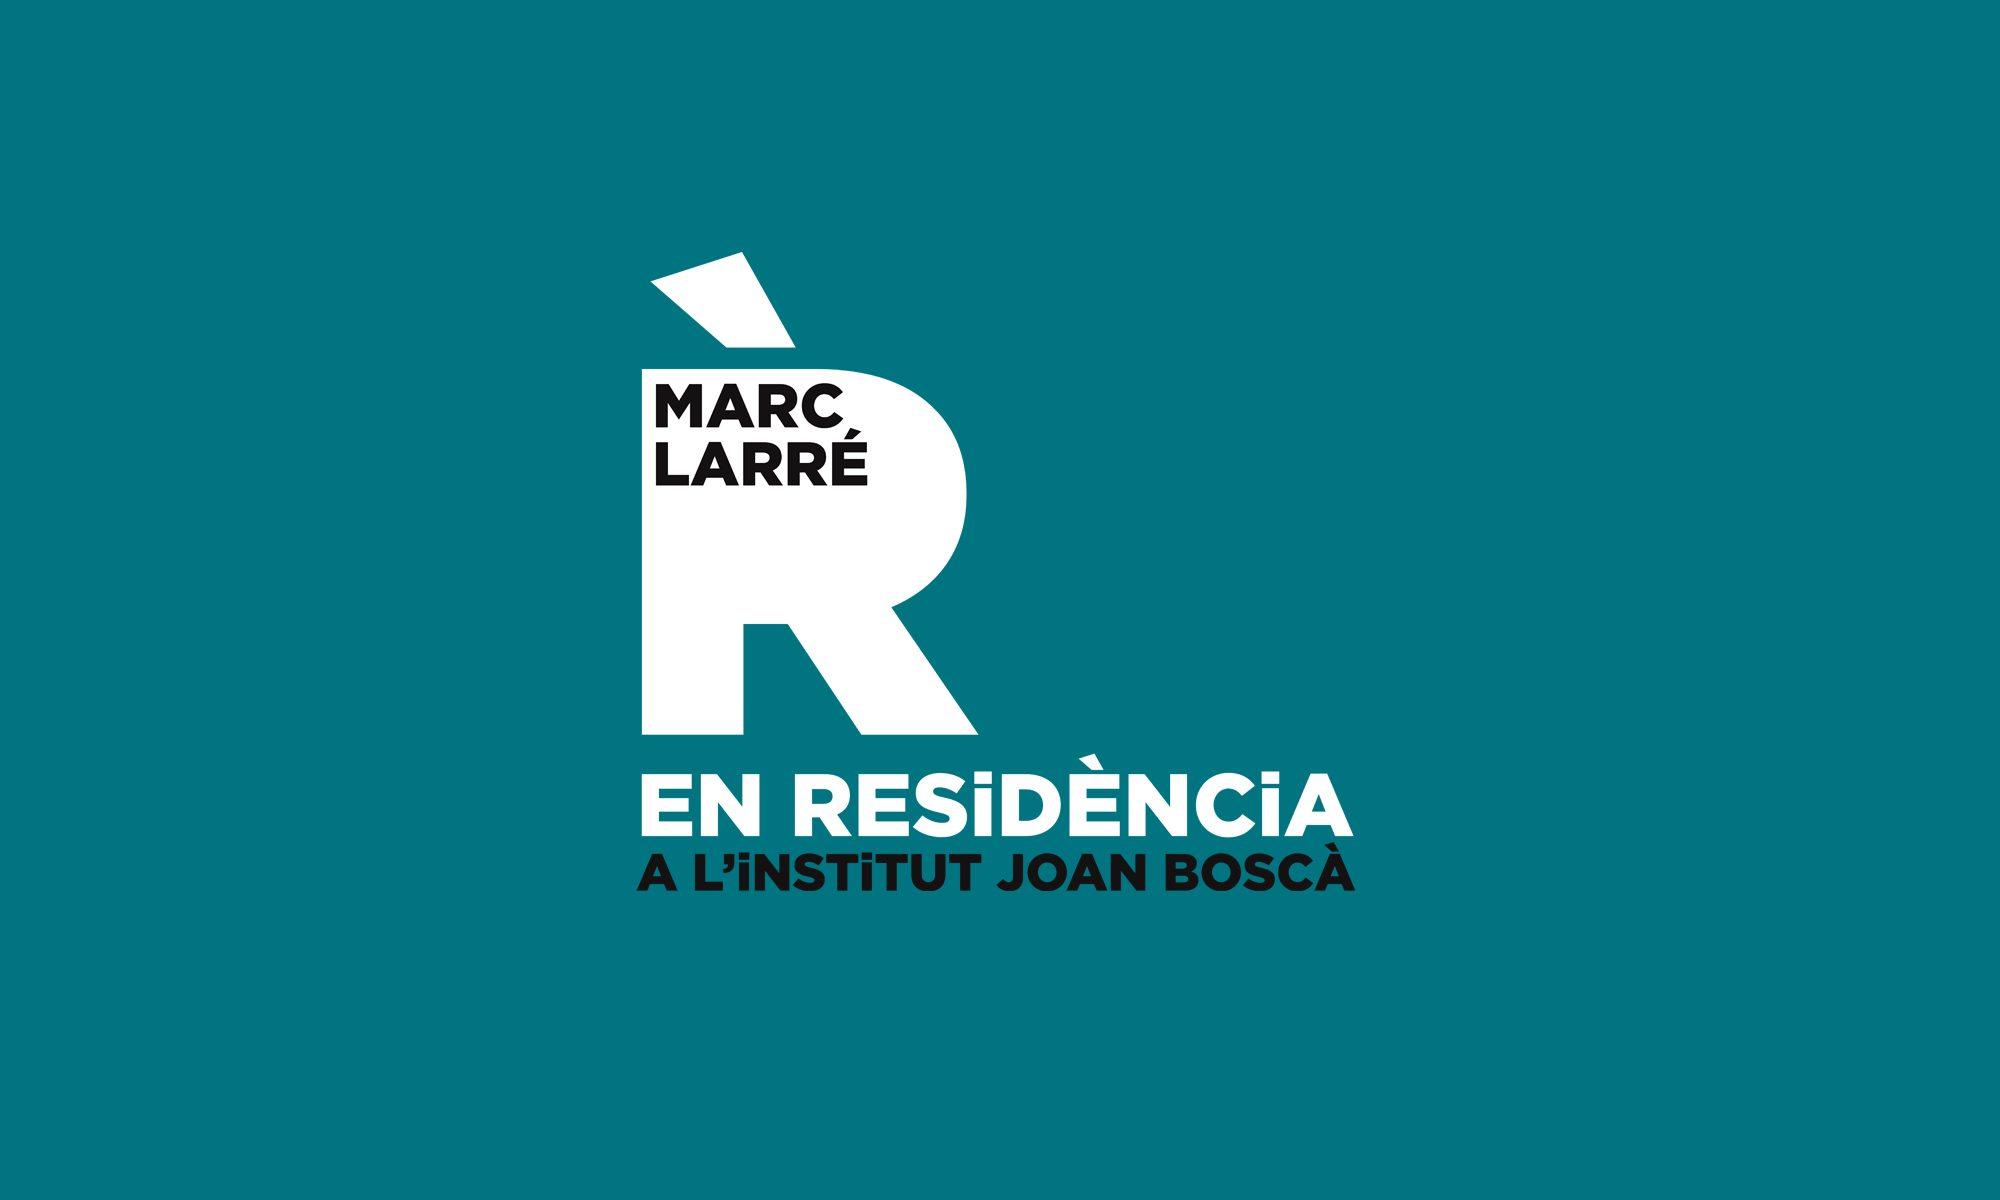 Marc Larré EN RESiDÈNCiA al Joan Boscà